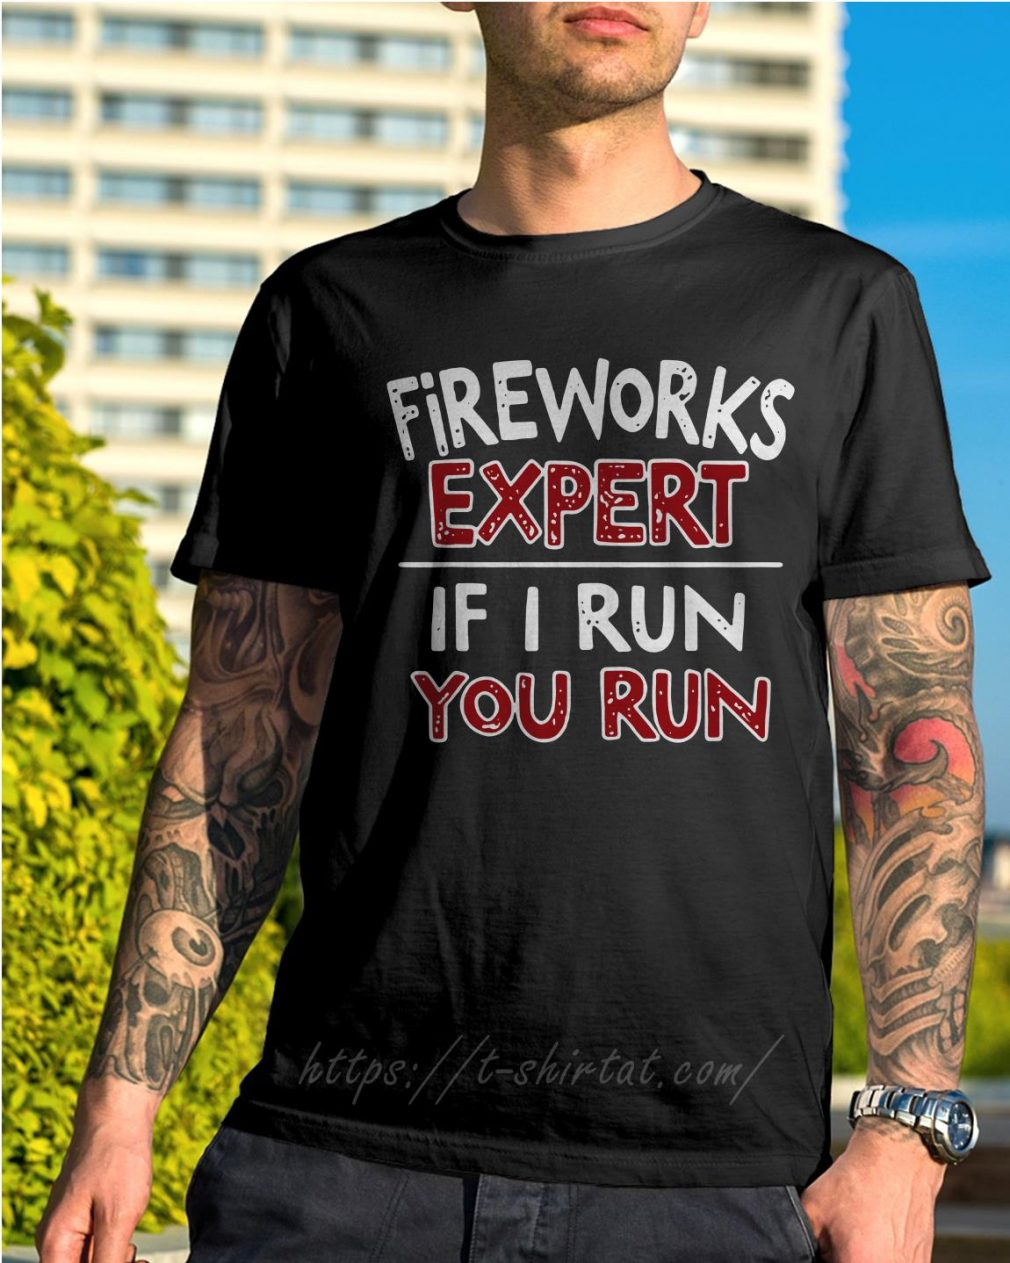 Fireworks expert if I run you run shirt